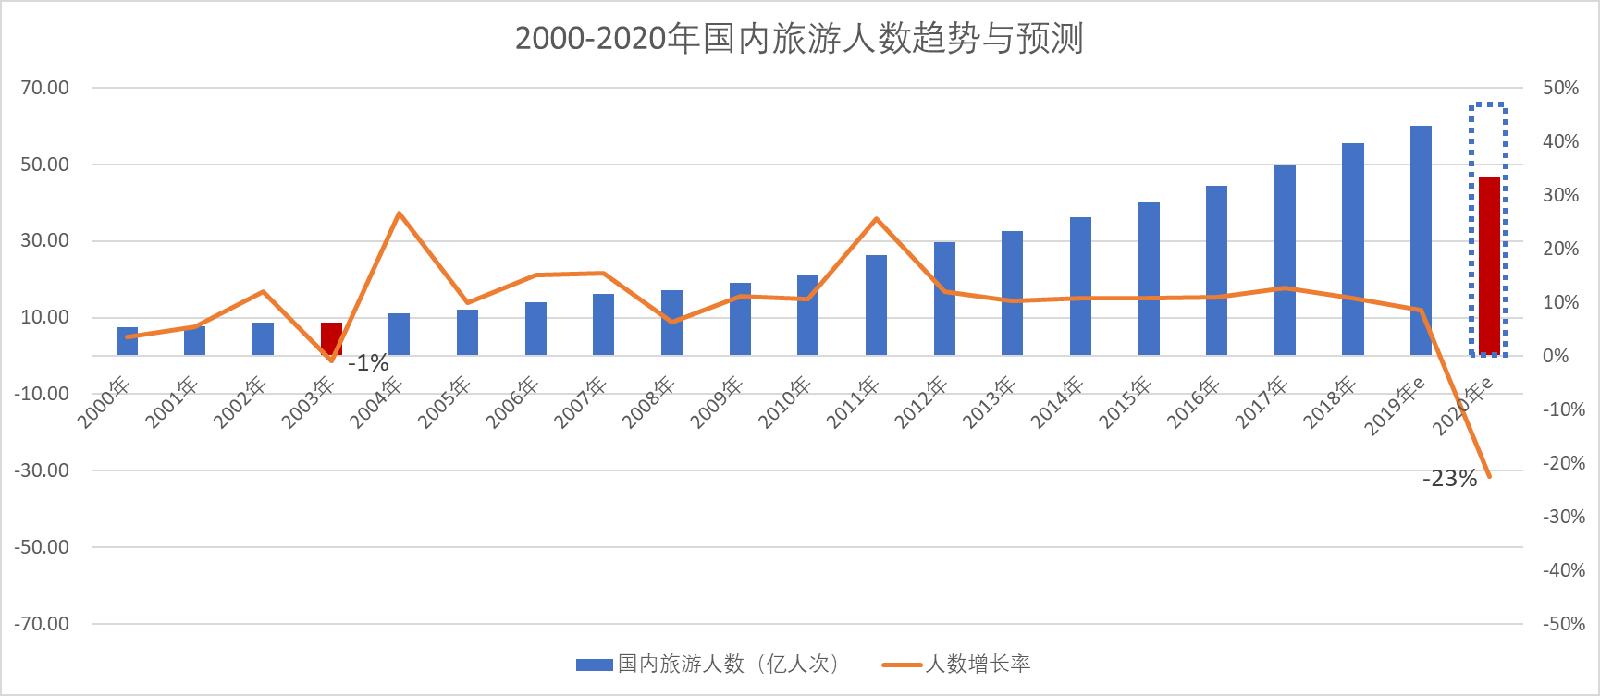 刘锋:疫情之下中国旅游业何去何从?